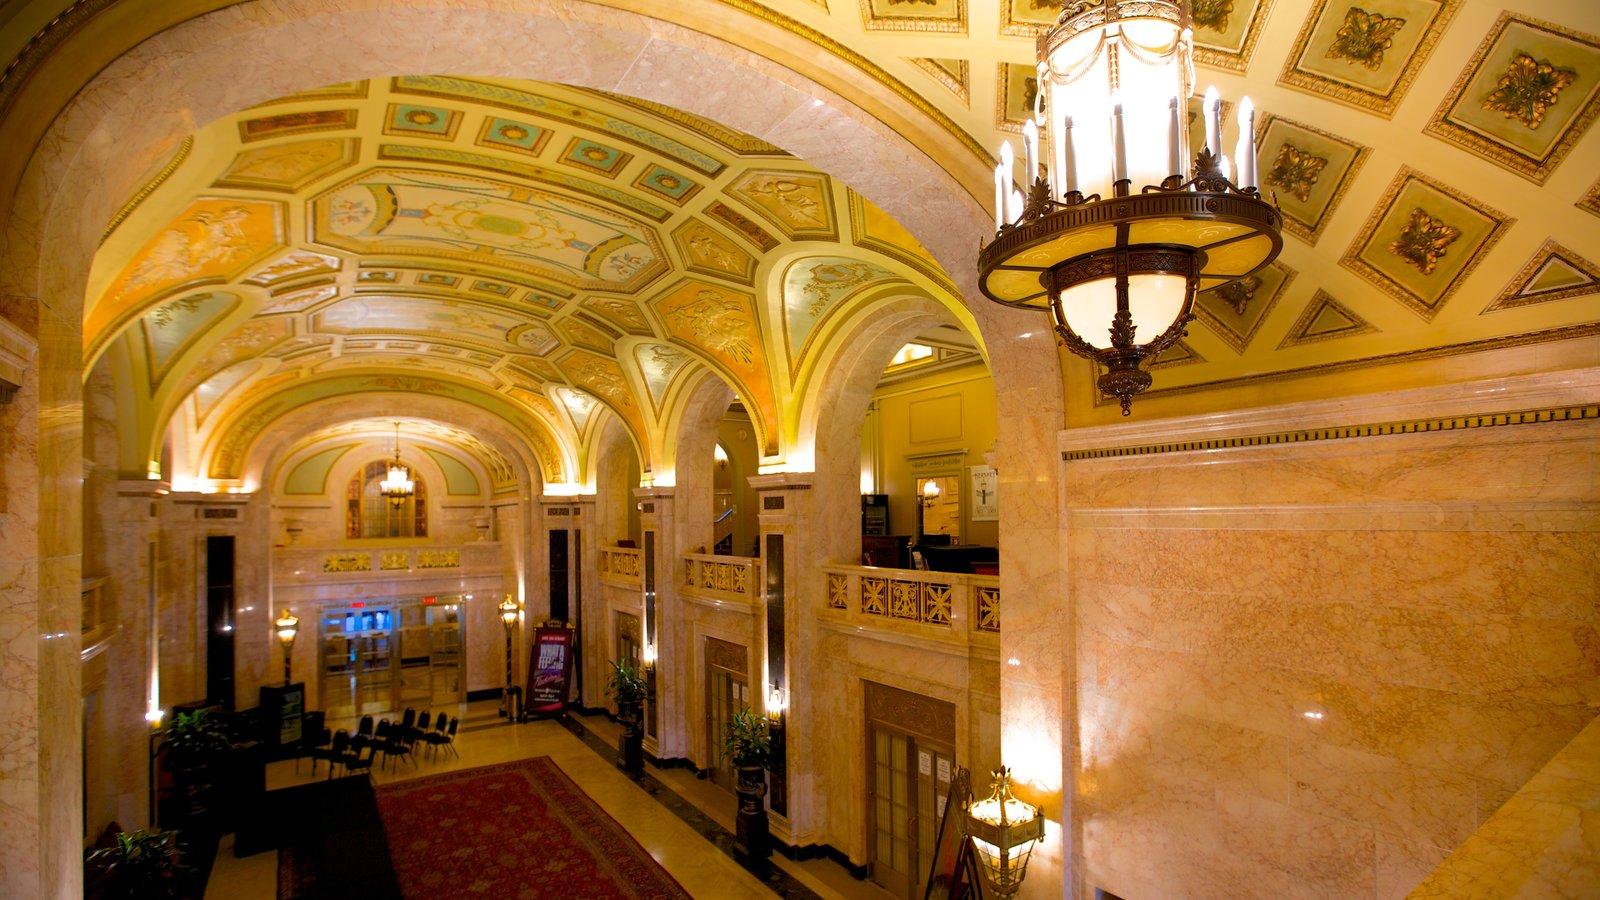 Hershey Theater que inclui vistas internas, cenas de teatro e arquitetura de patrimônio